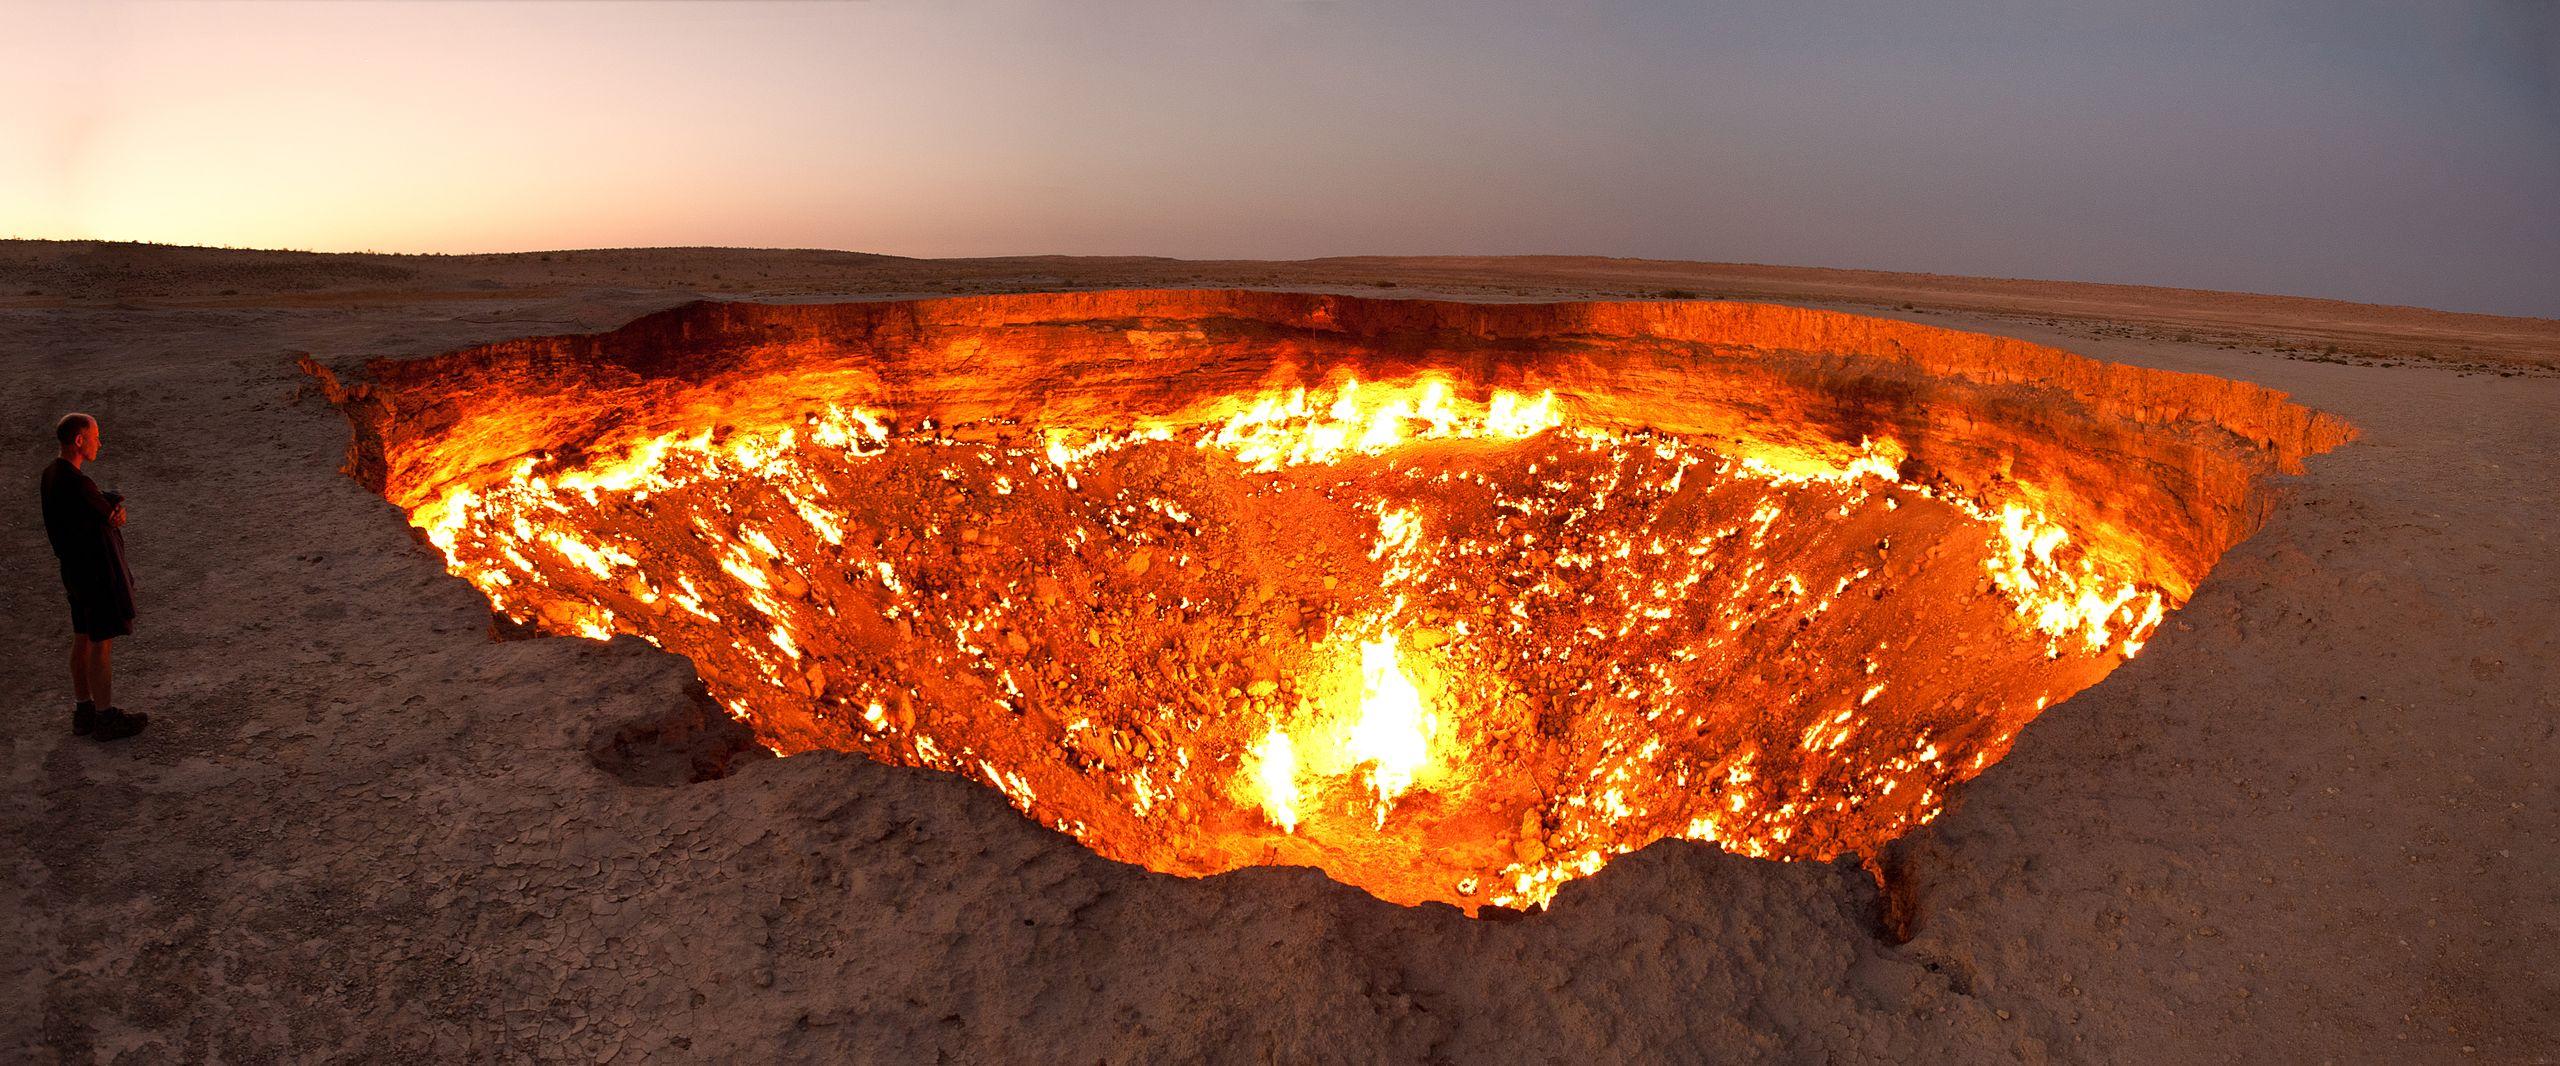 L'intenso calore che emana dal cratere solo consente agli intrepidi avvicinarsi per pochi minuti / Medios